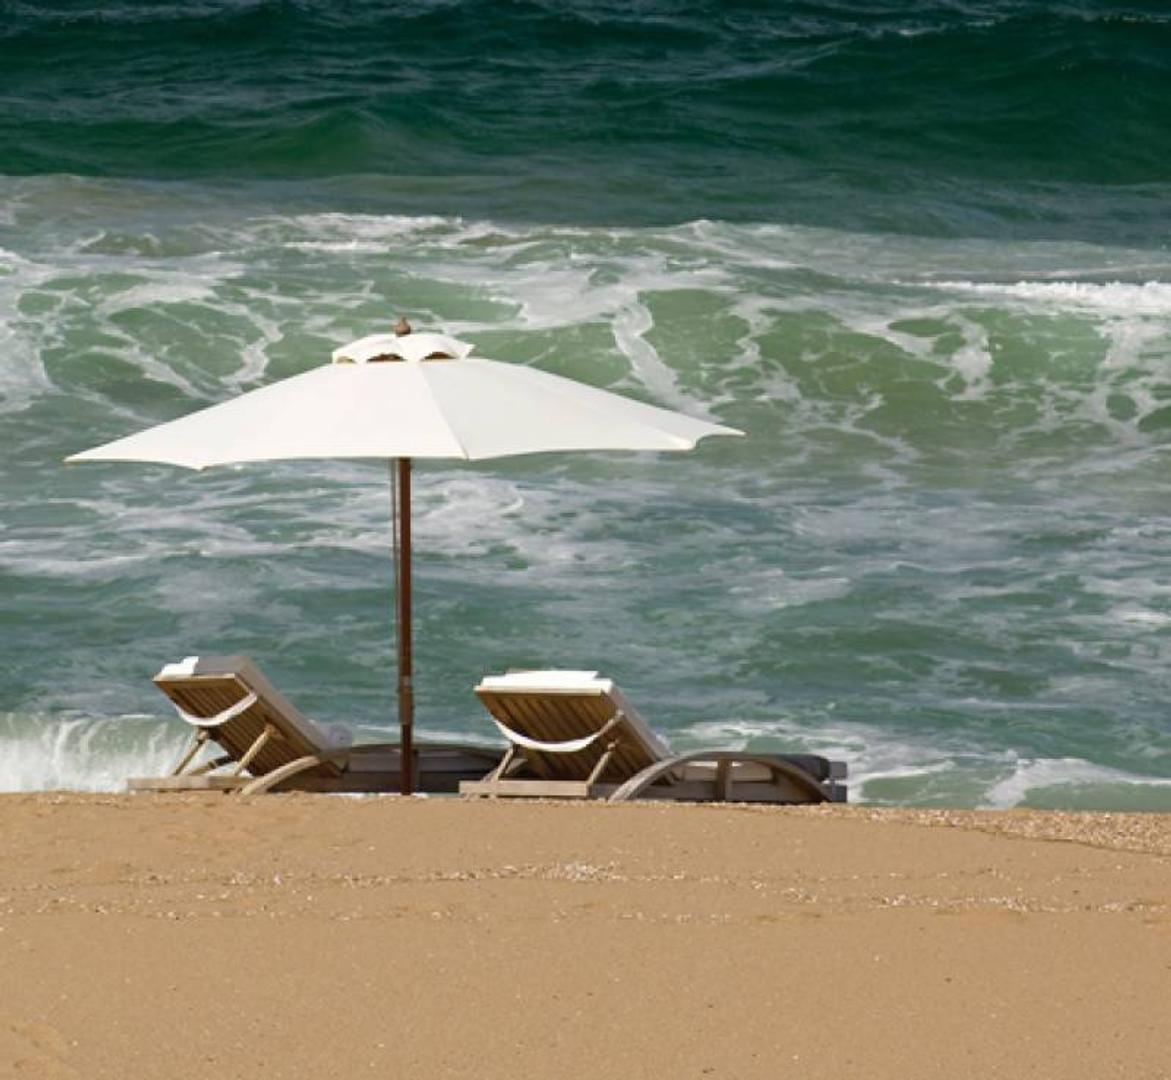 Lote en playa en Punta del Este - Las Garzas Blancas Laguna Garzon